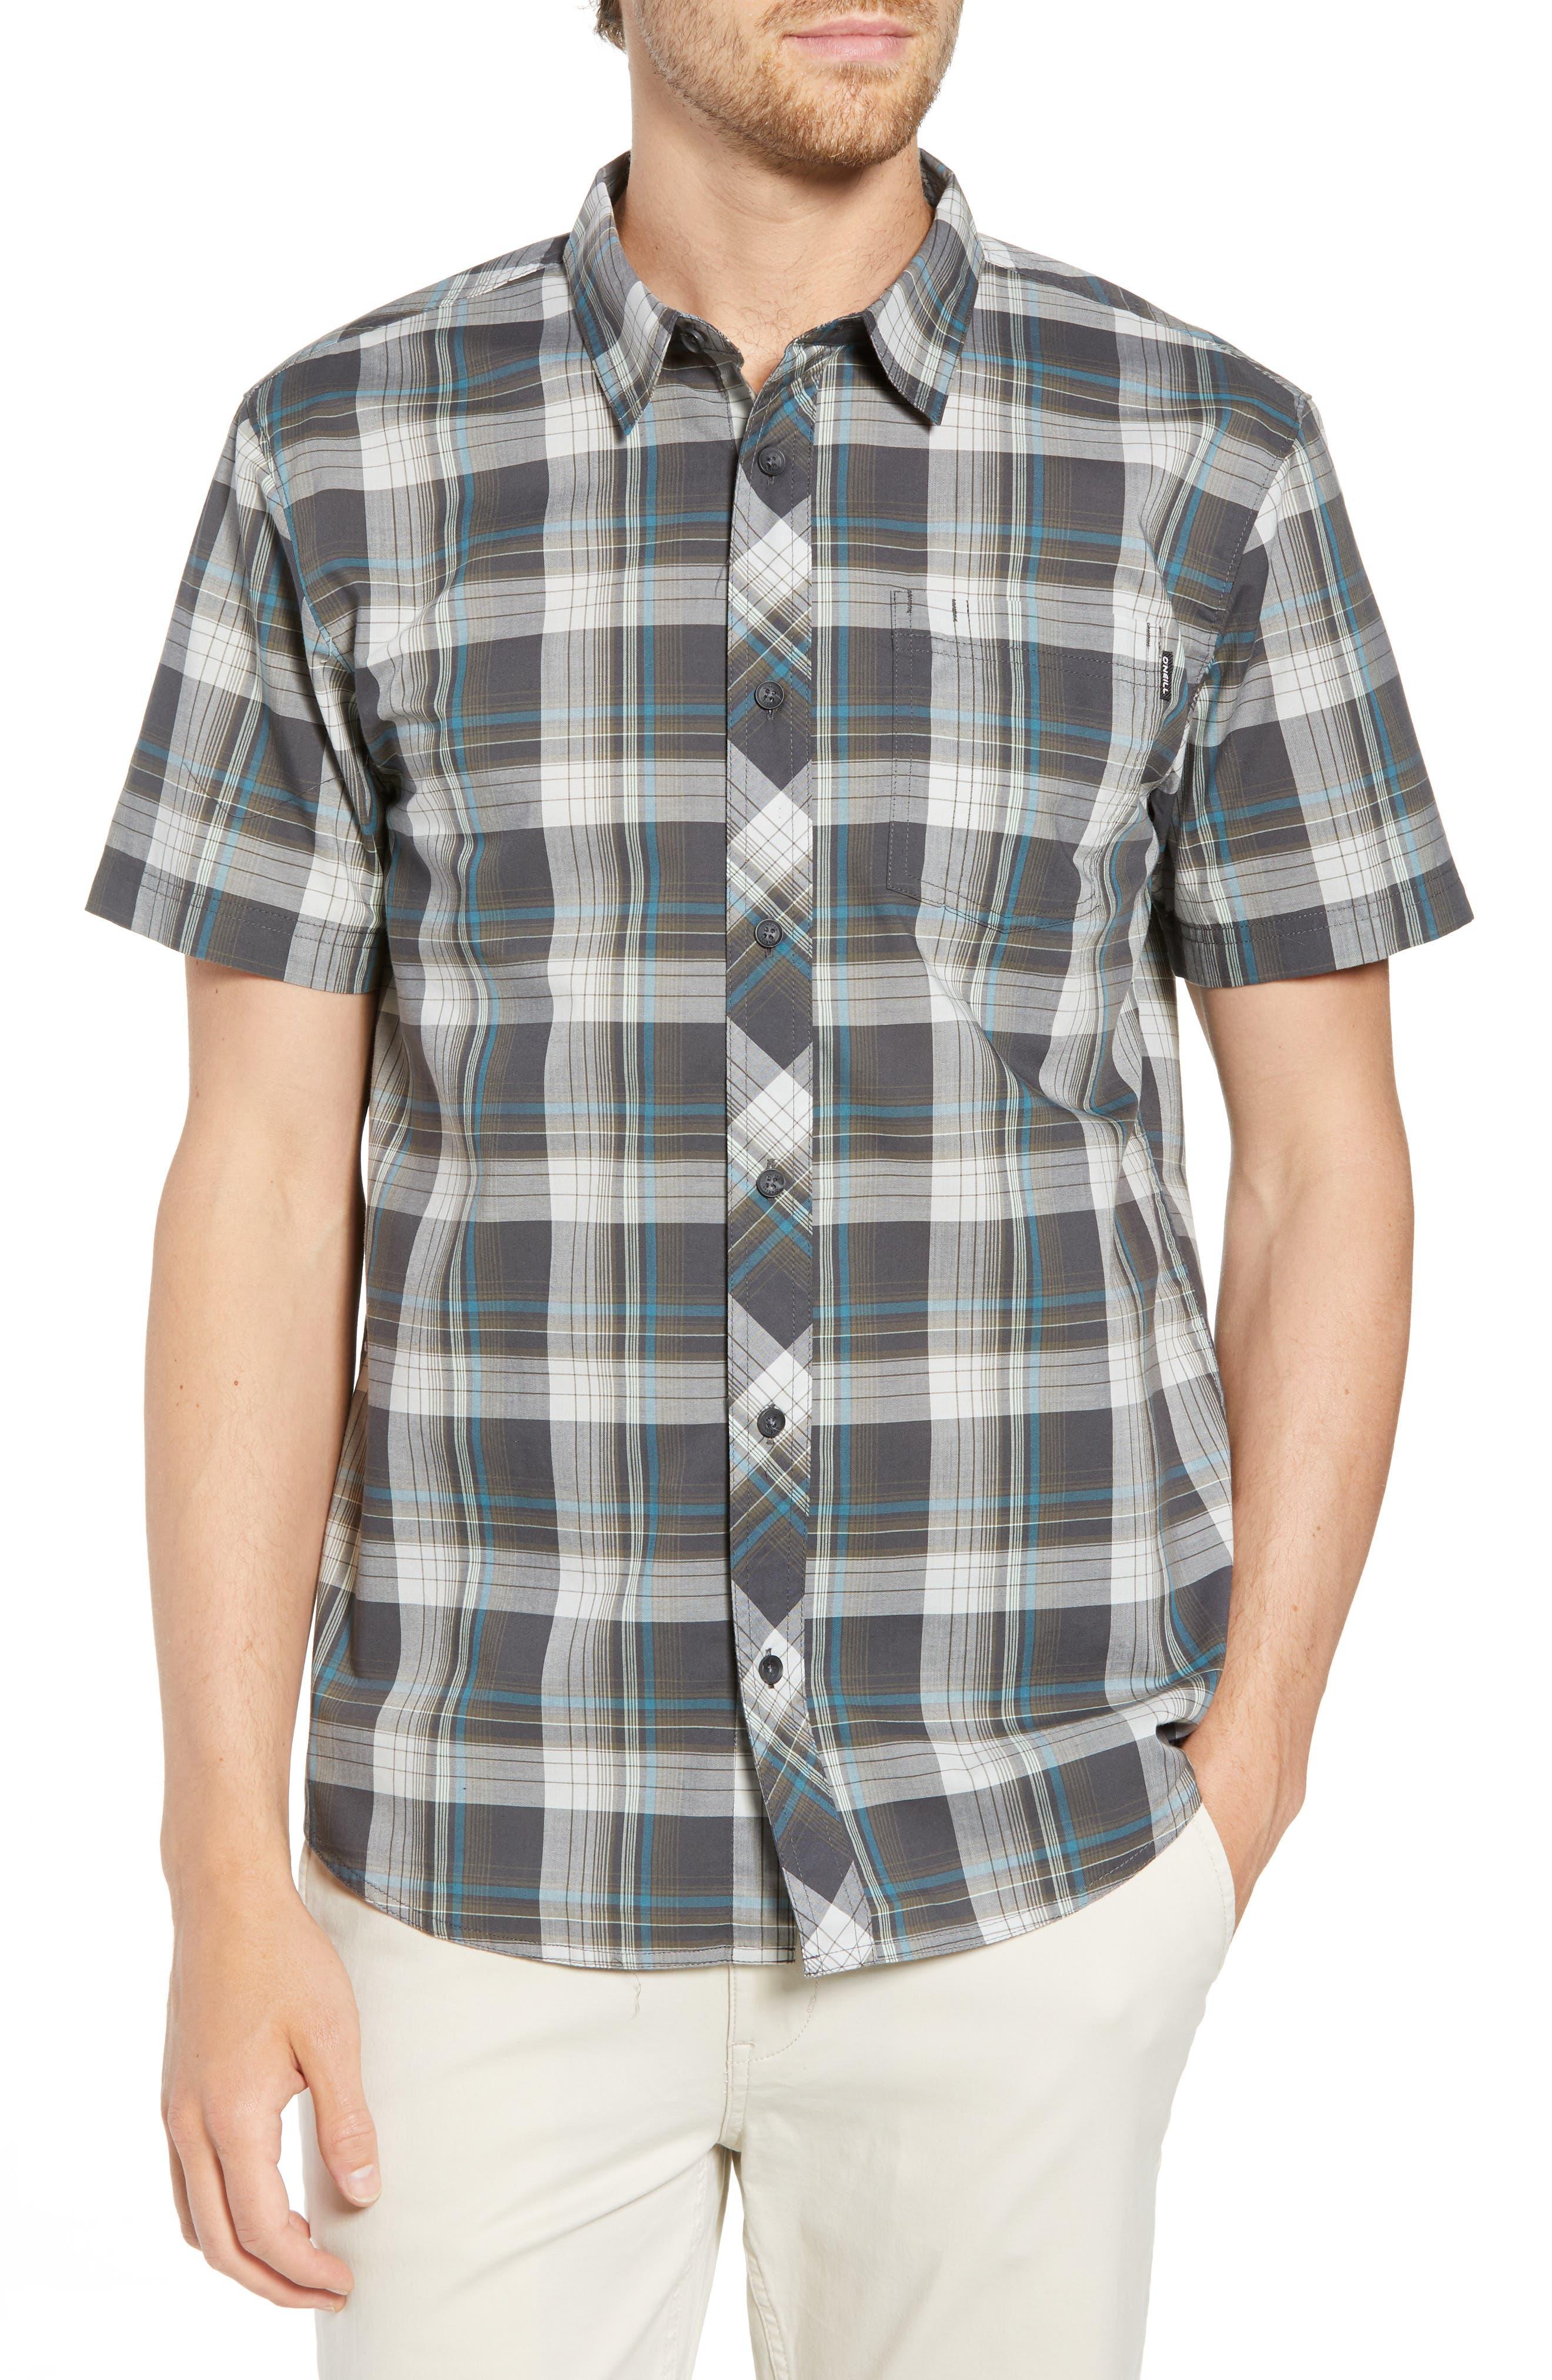 Gentry Short Sleeve Shirt,                             Main thumbnail 1, color,